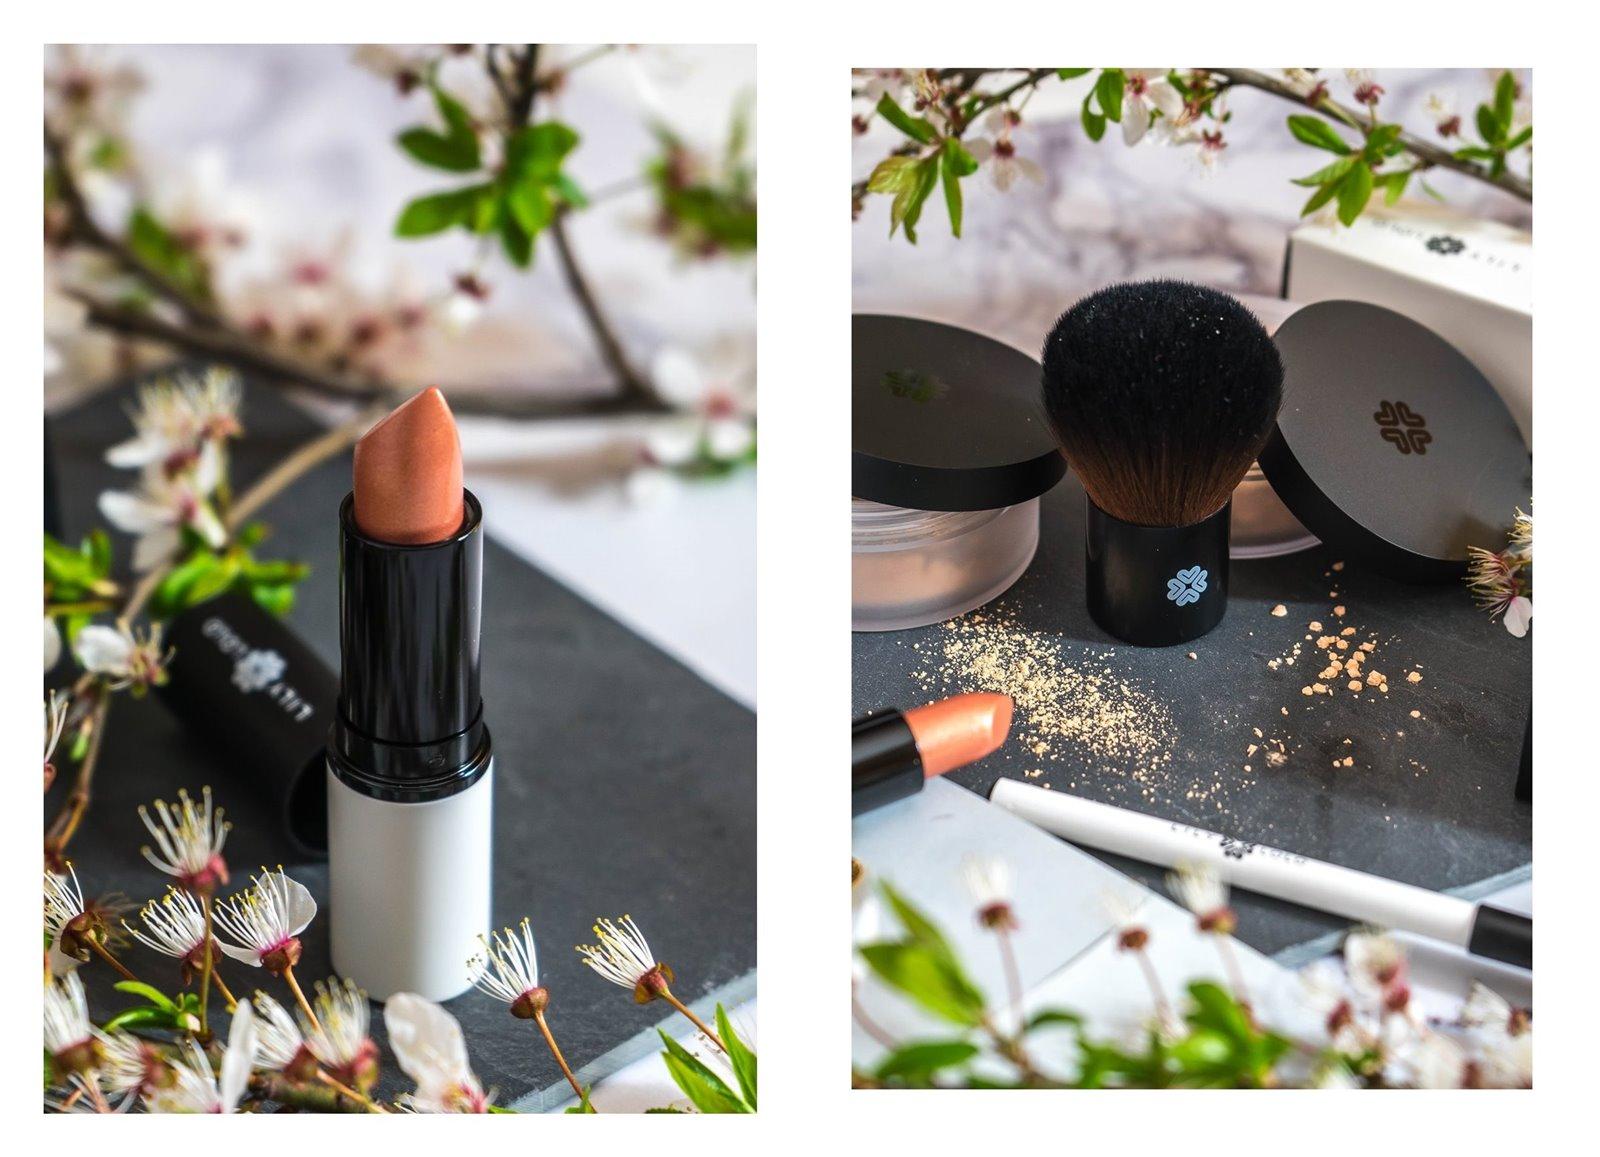 4a jak nakładać kosmetyki mineralne lily lolo opinia recenzja jak stosować puder matujący pędzel super kabuki cena blog szminka naturalne kosmetyki dla wegan puder mineralny podkład kredka do oczu szminka